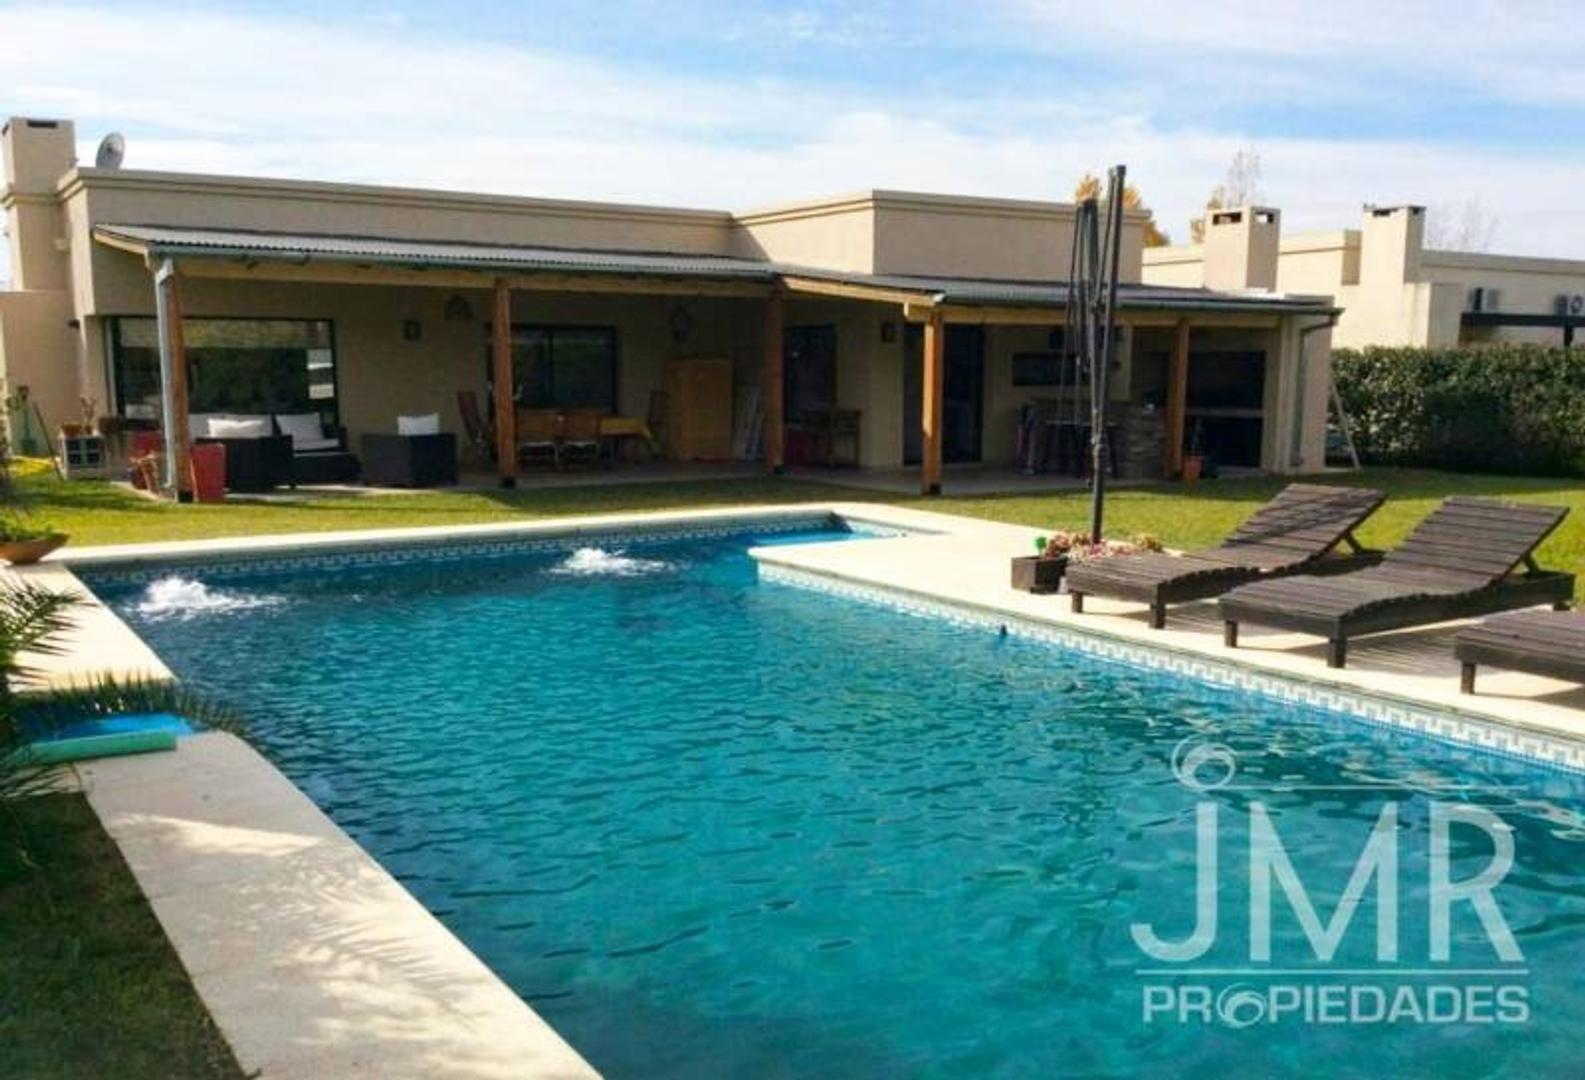 JMR Propiedades | Barrio El Recodo | Impecable Casa en venta